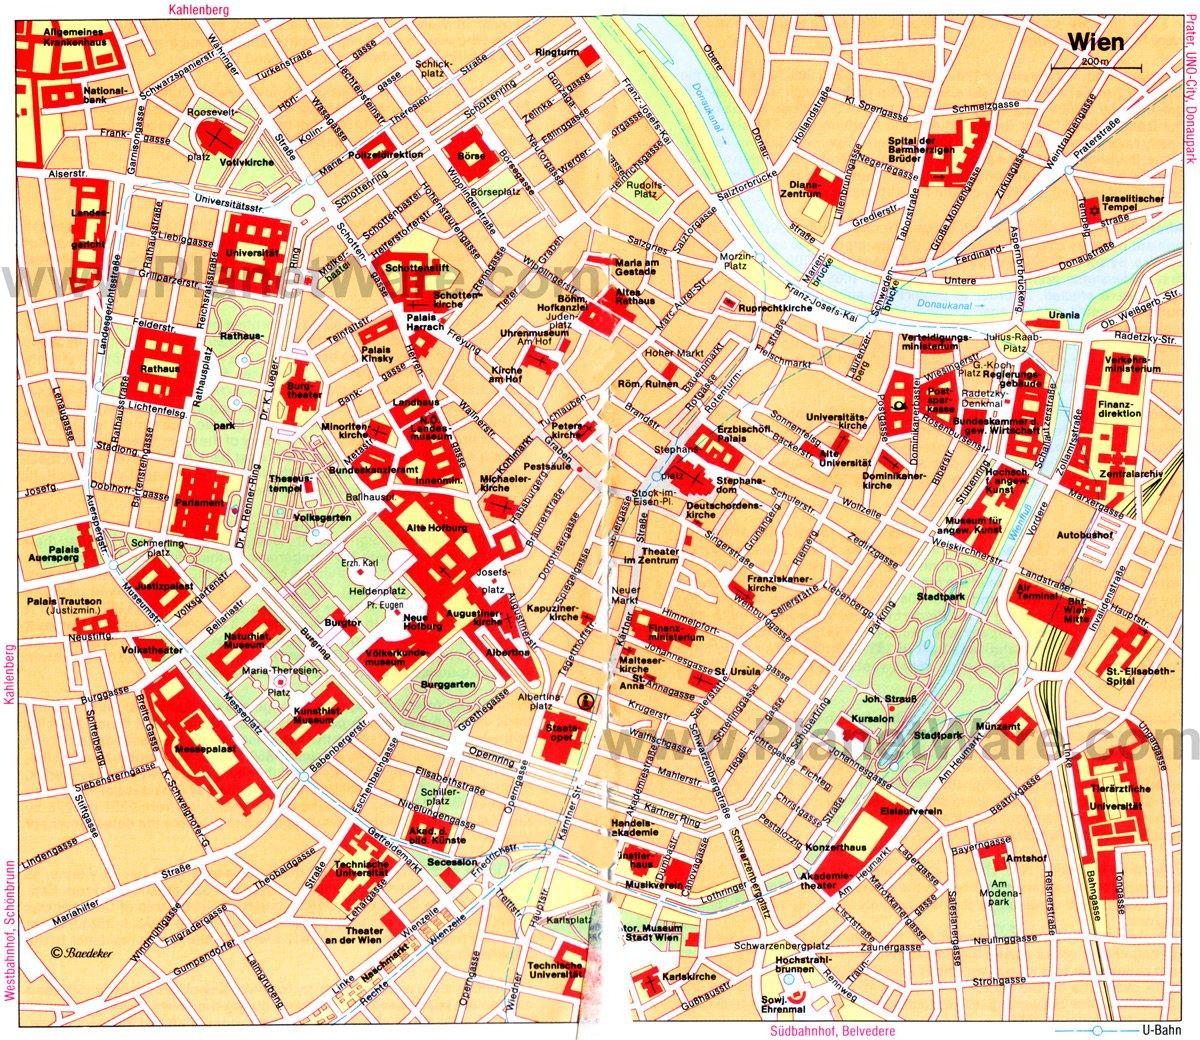 Mapa de Viena - Atracciones turísticas